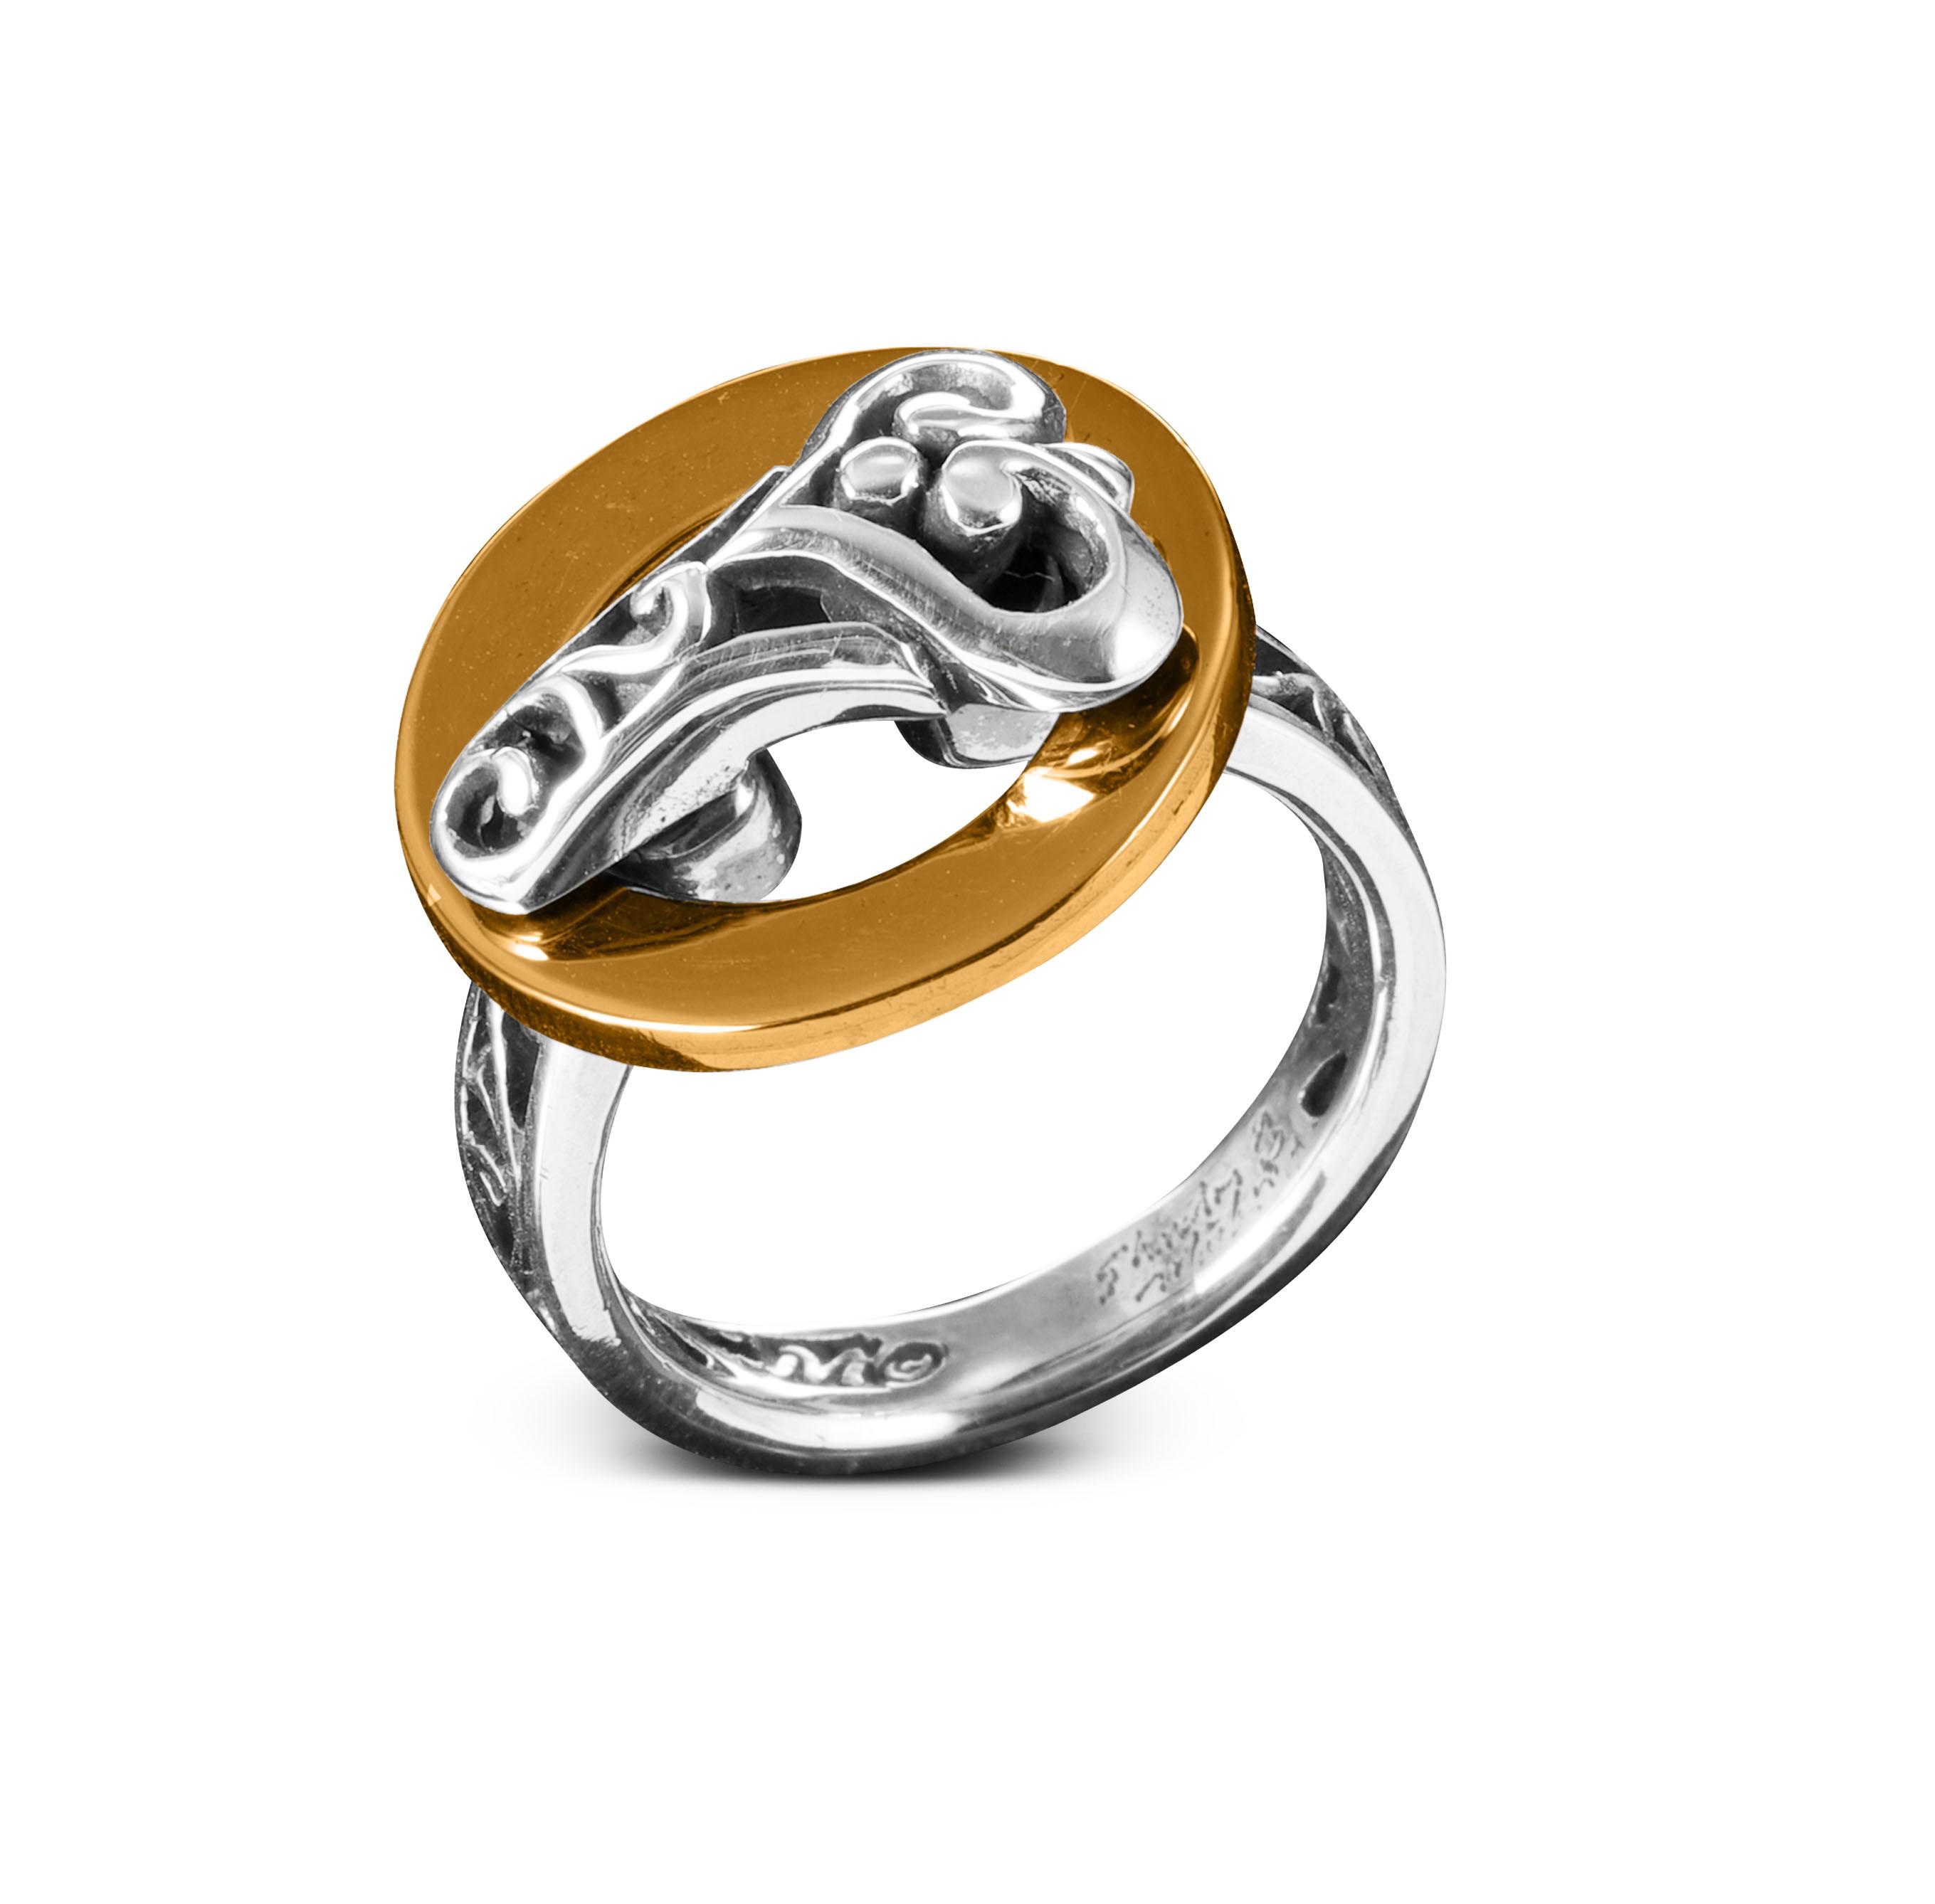 KS137-silver-ring